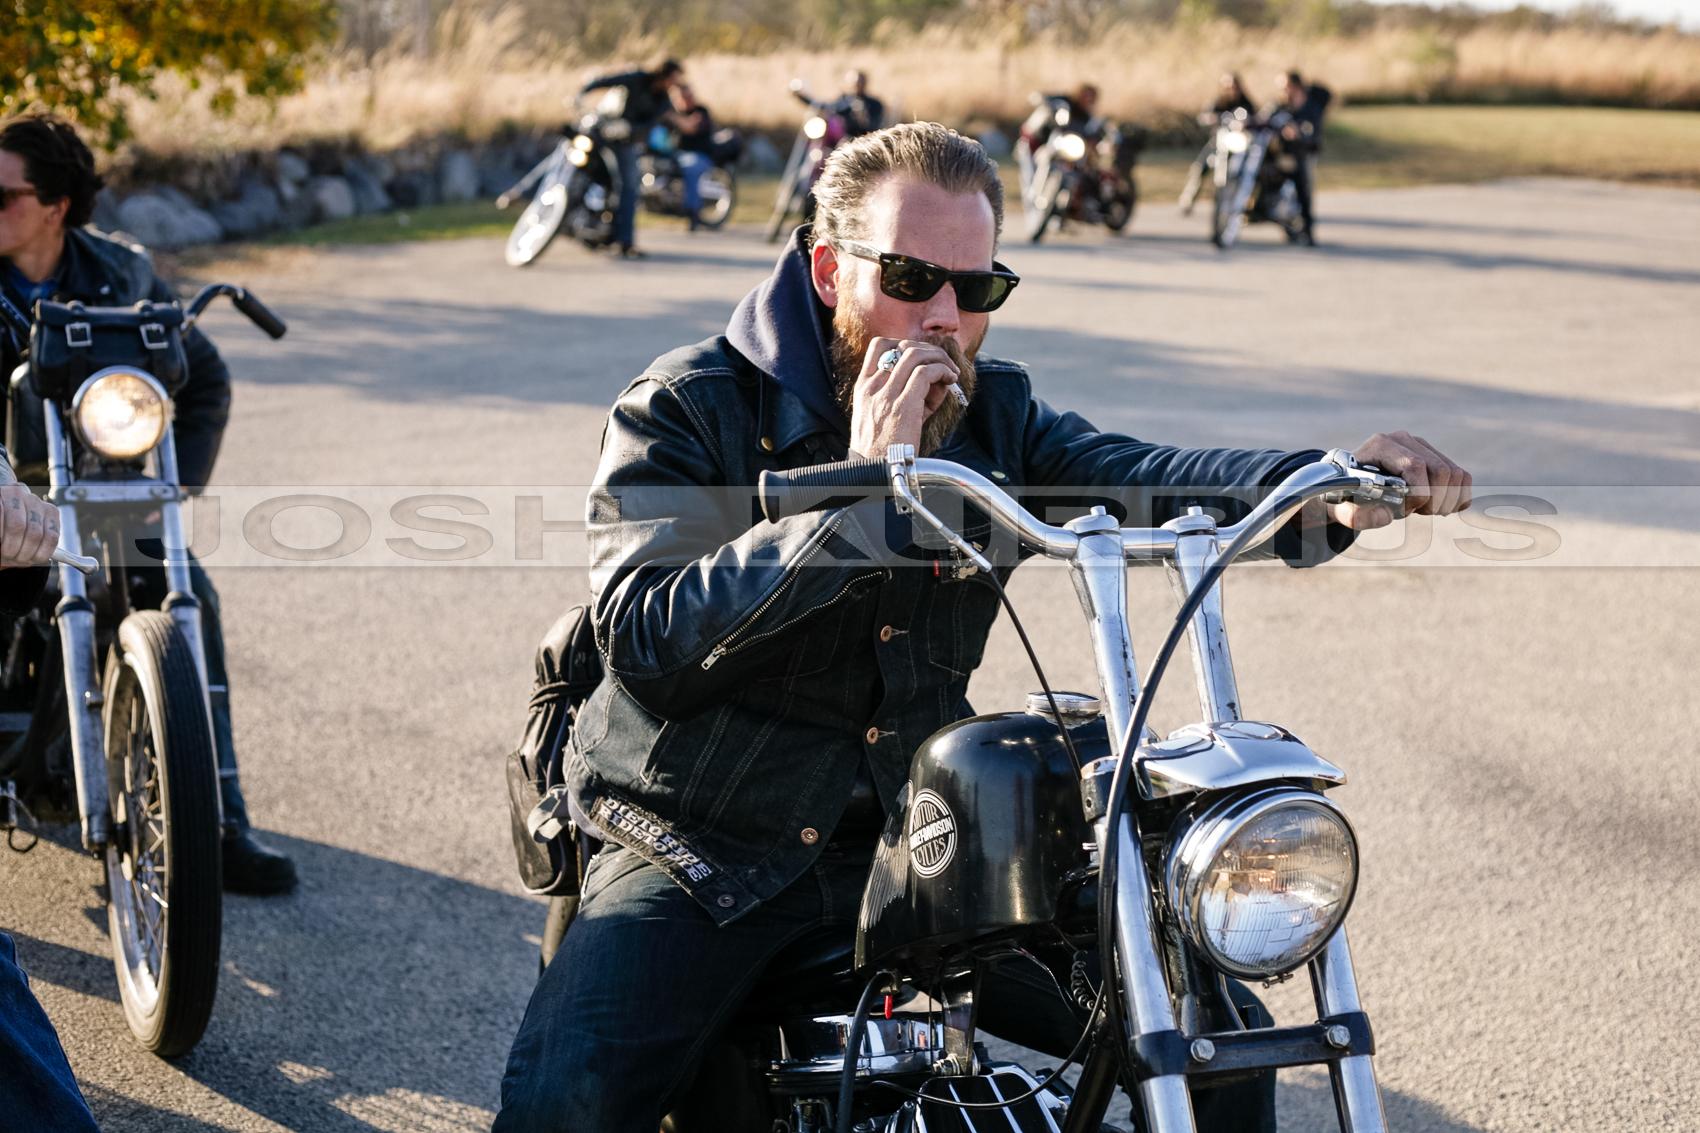 Kurpius_2010_CherryValley_Riding_0024.jpg